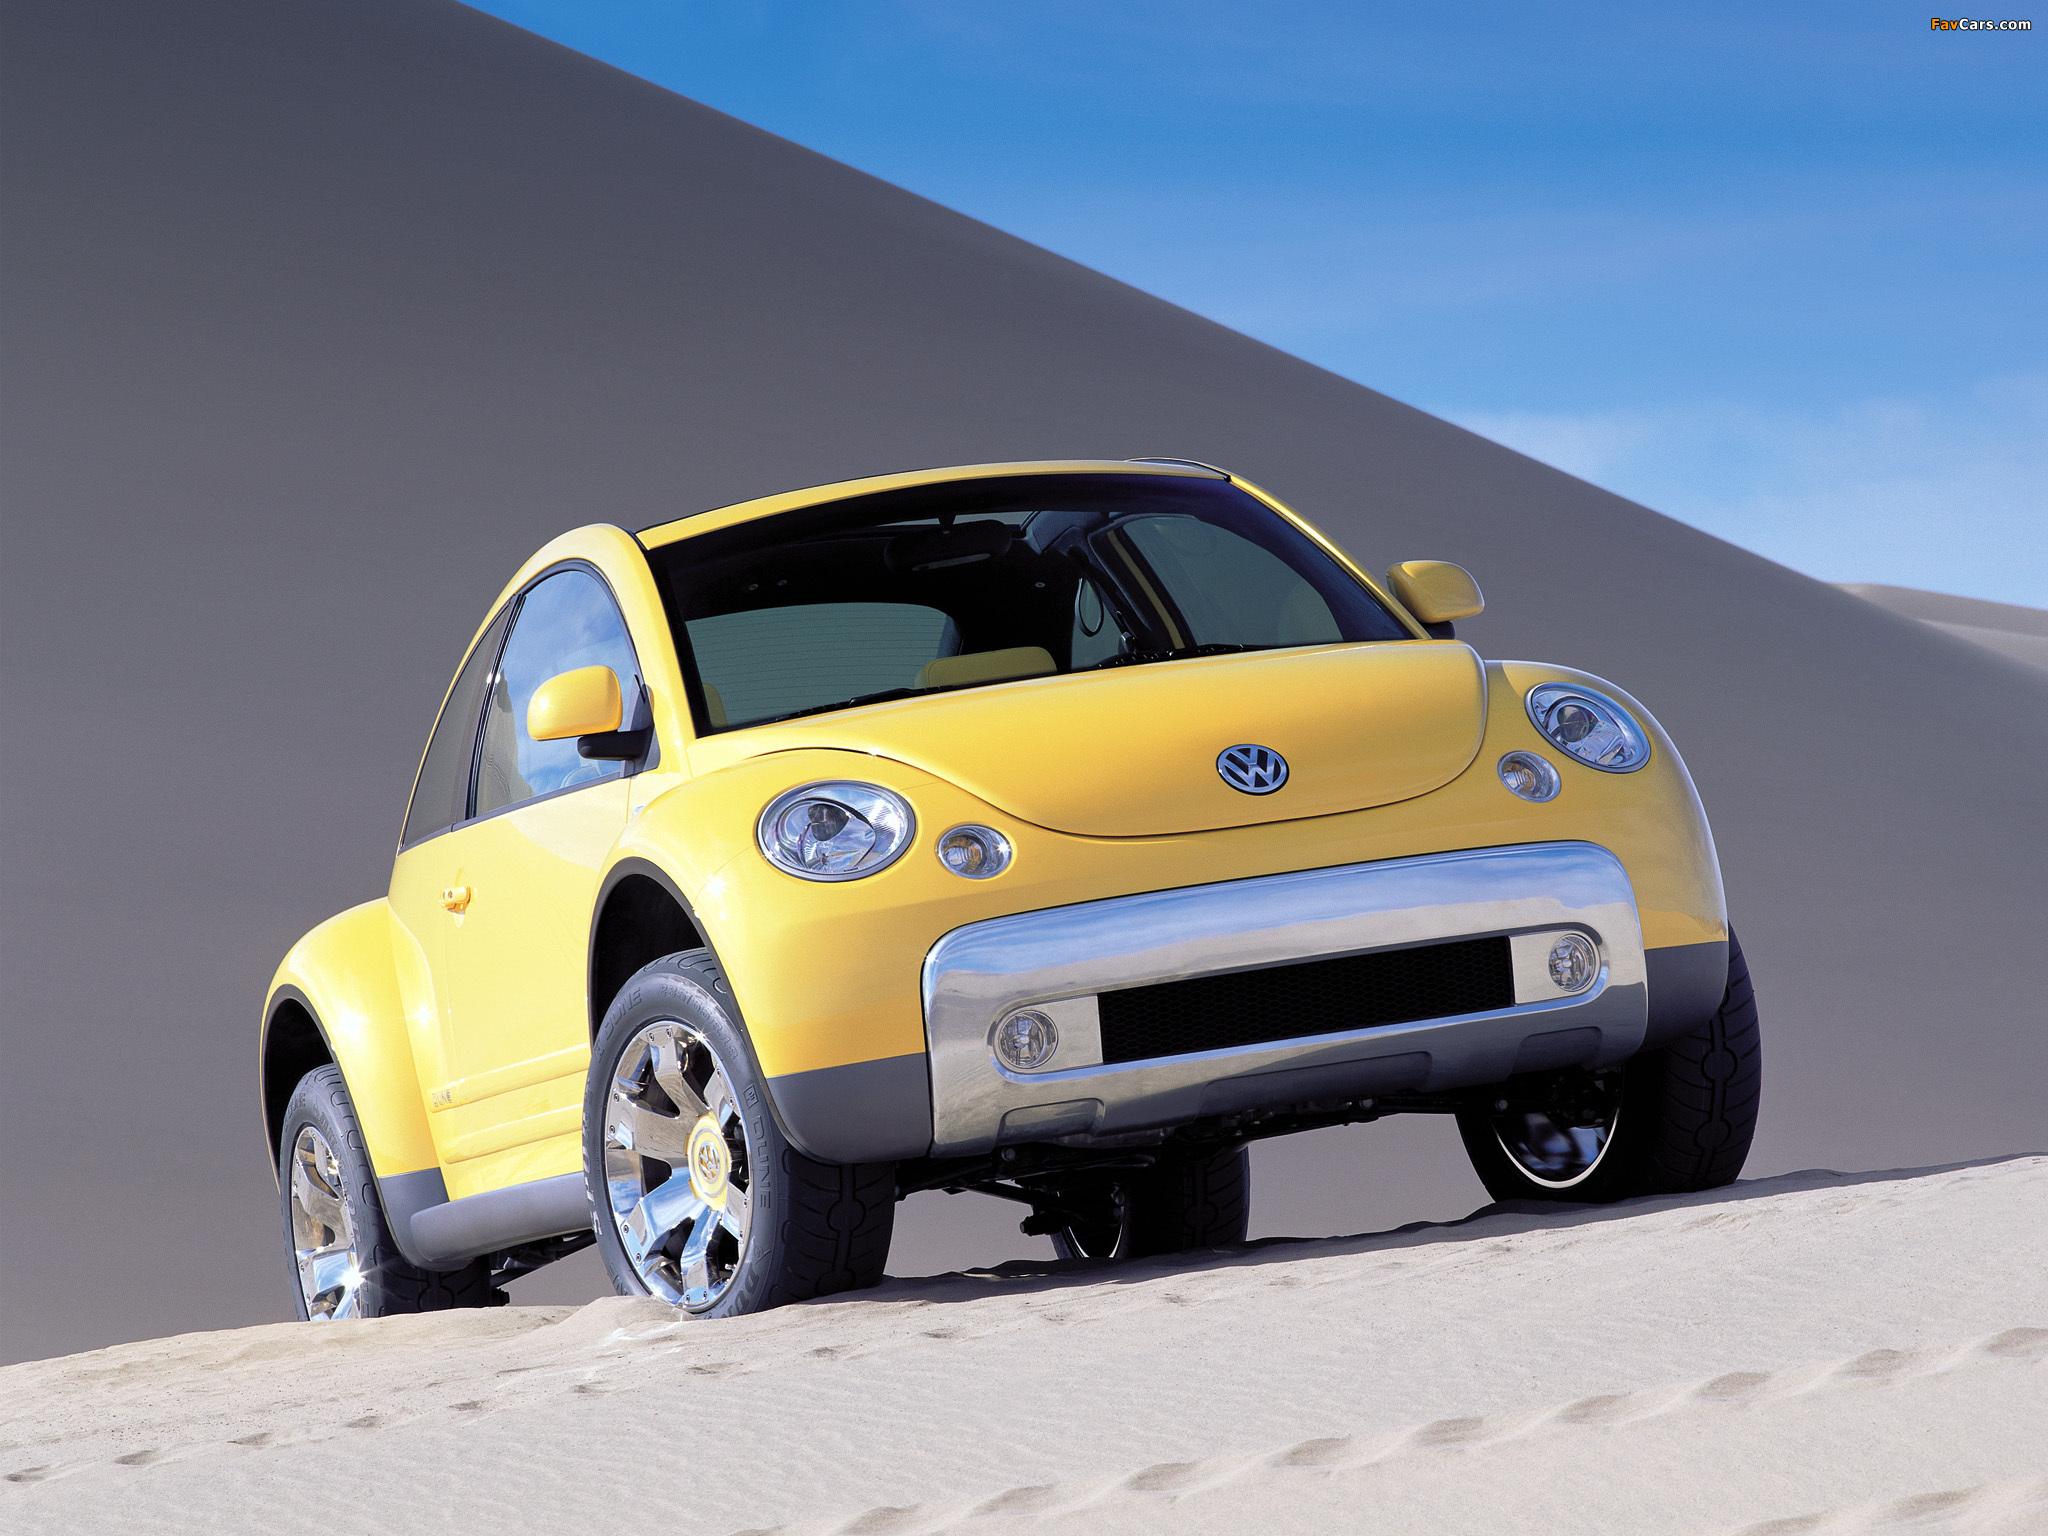 Volkswagen New Beetle Dune Concept 2000 pictures (2048 x 1536)